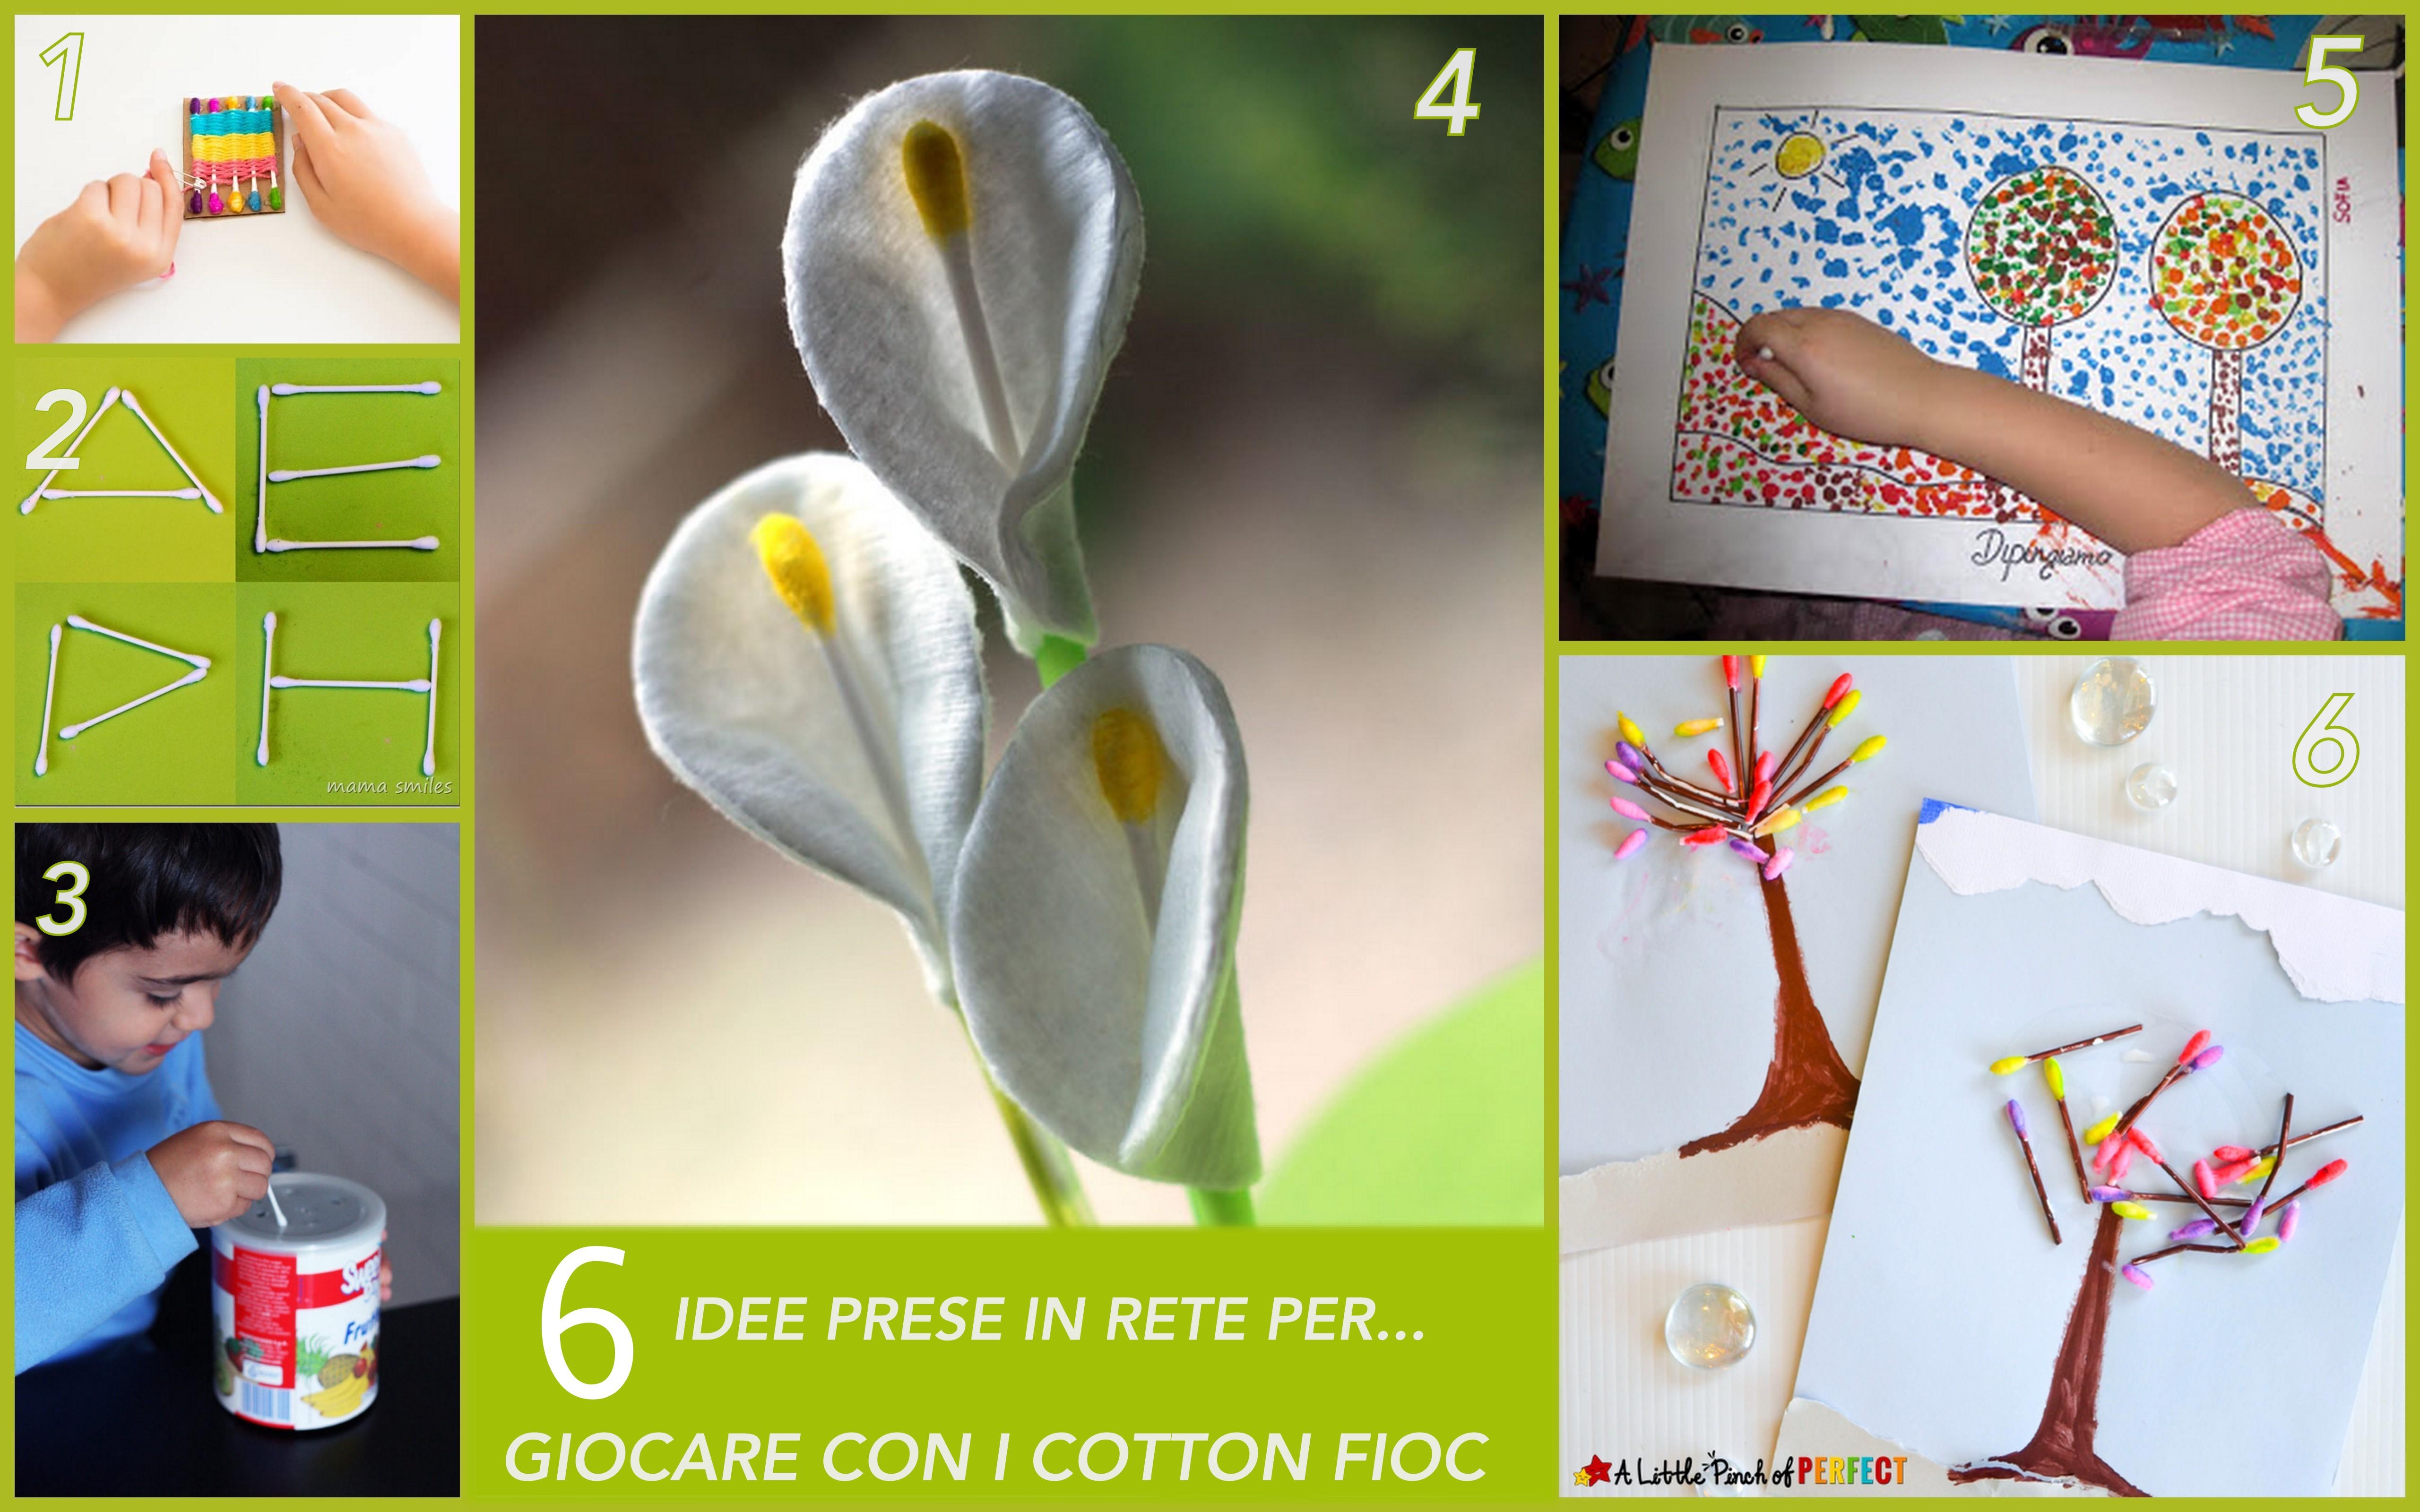 6 IDEE prese in rete per giocare con i cotton fioc